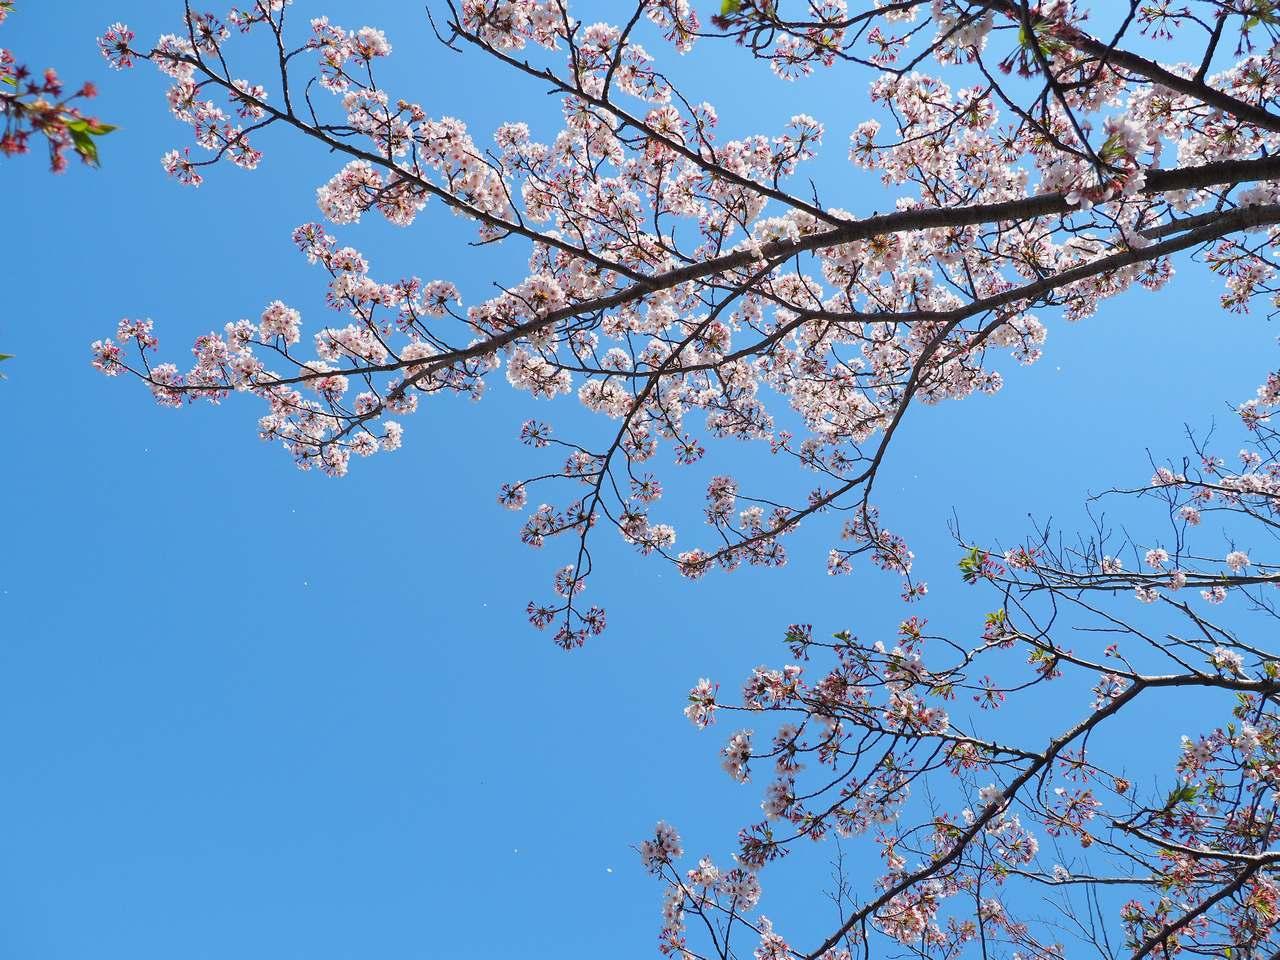 散る桜2020年4月